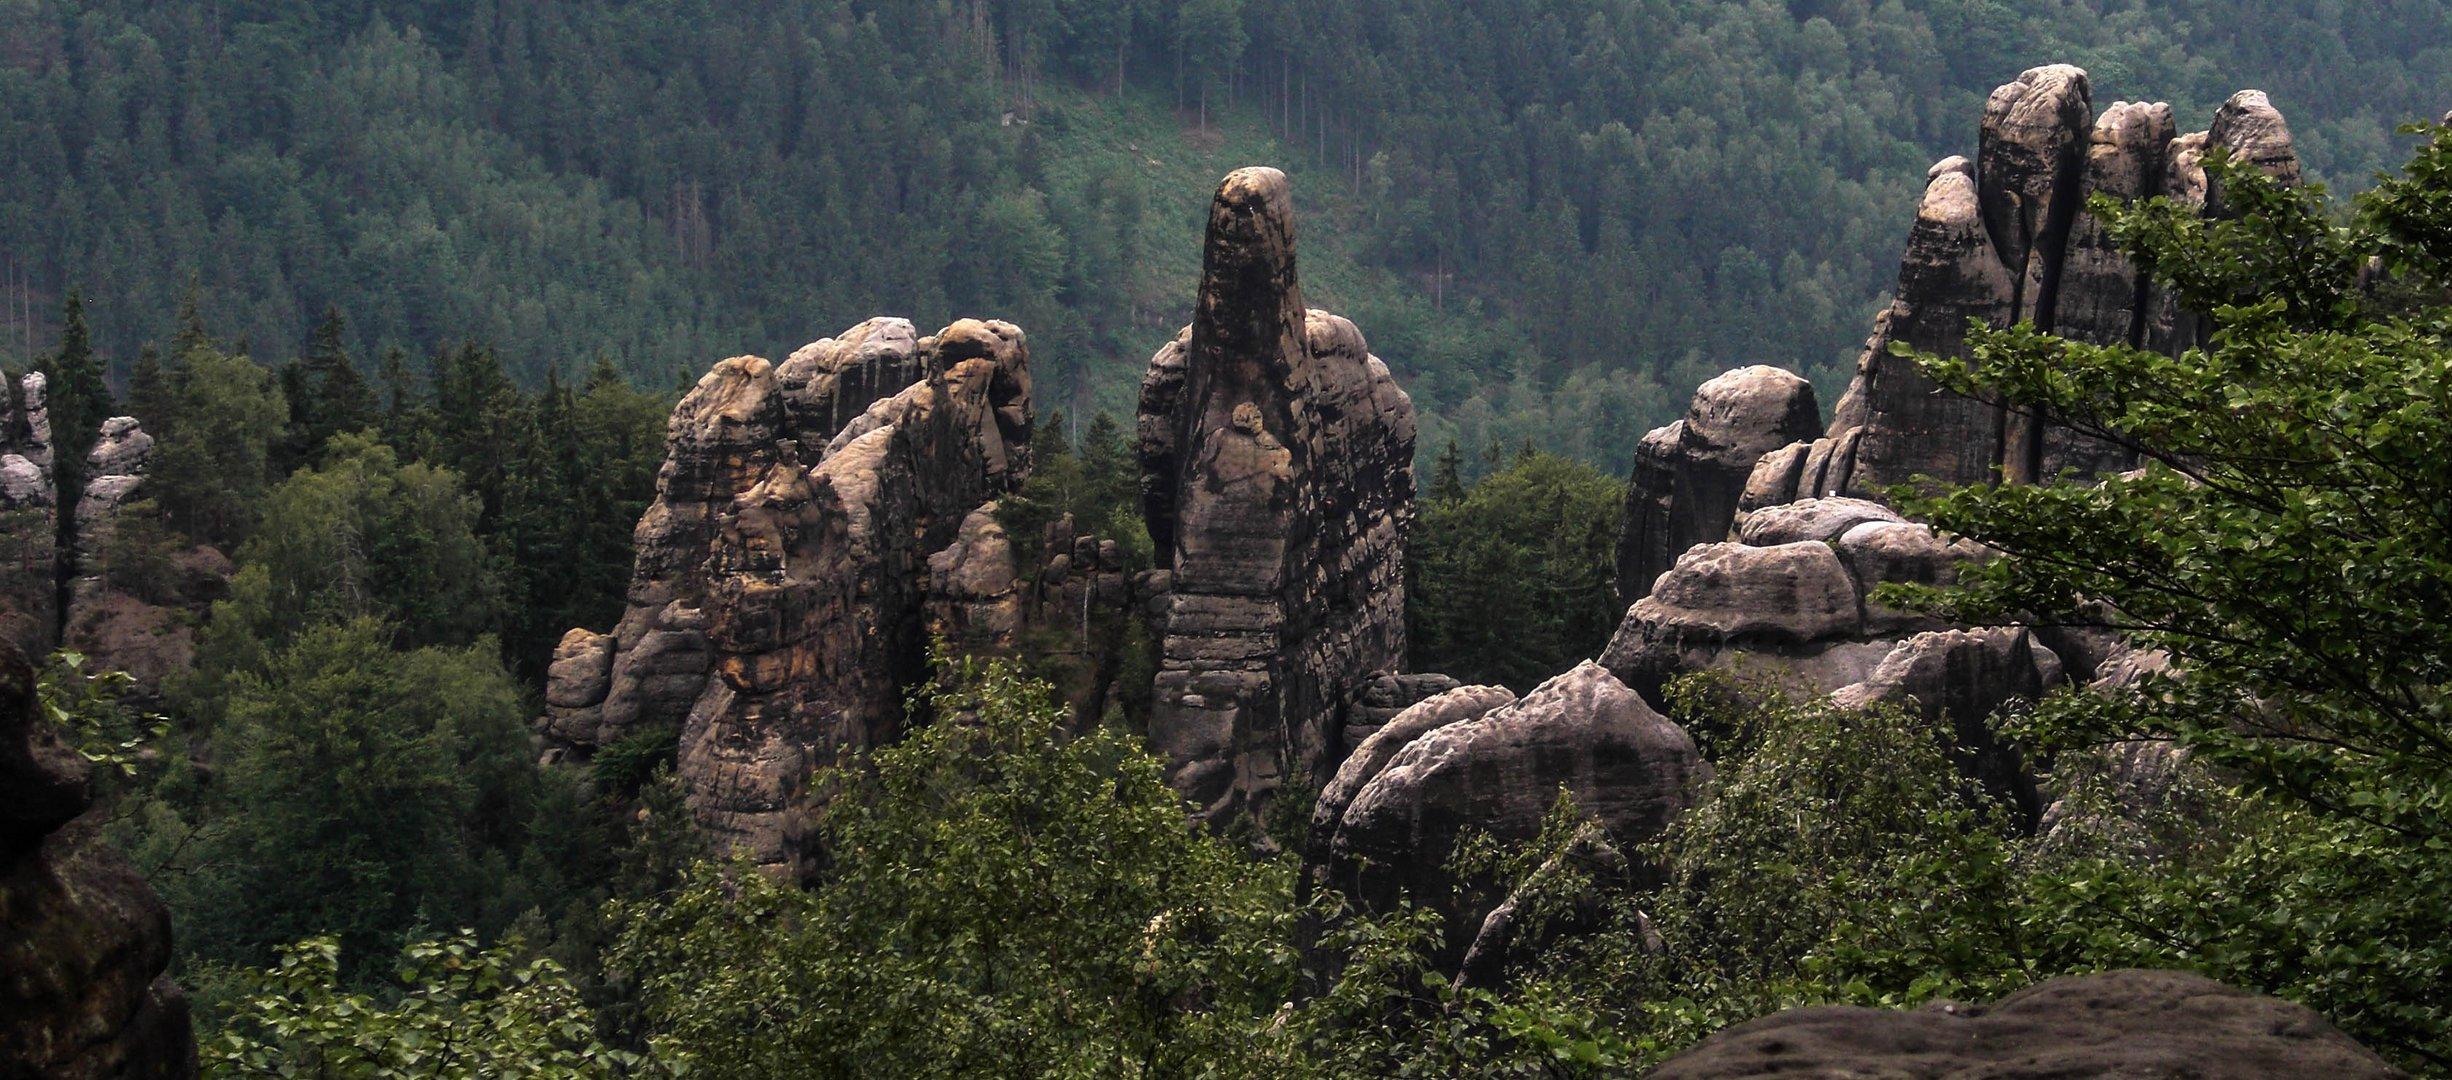 Steinformation in der Sächsischen Schweiz